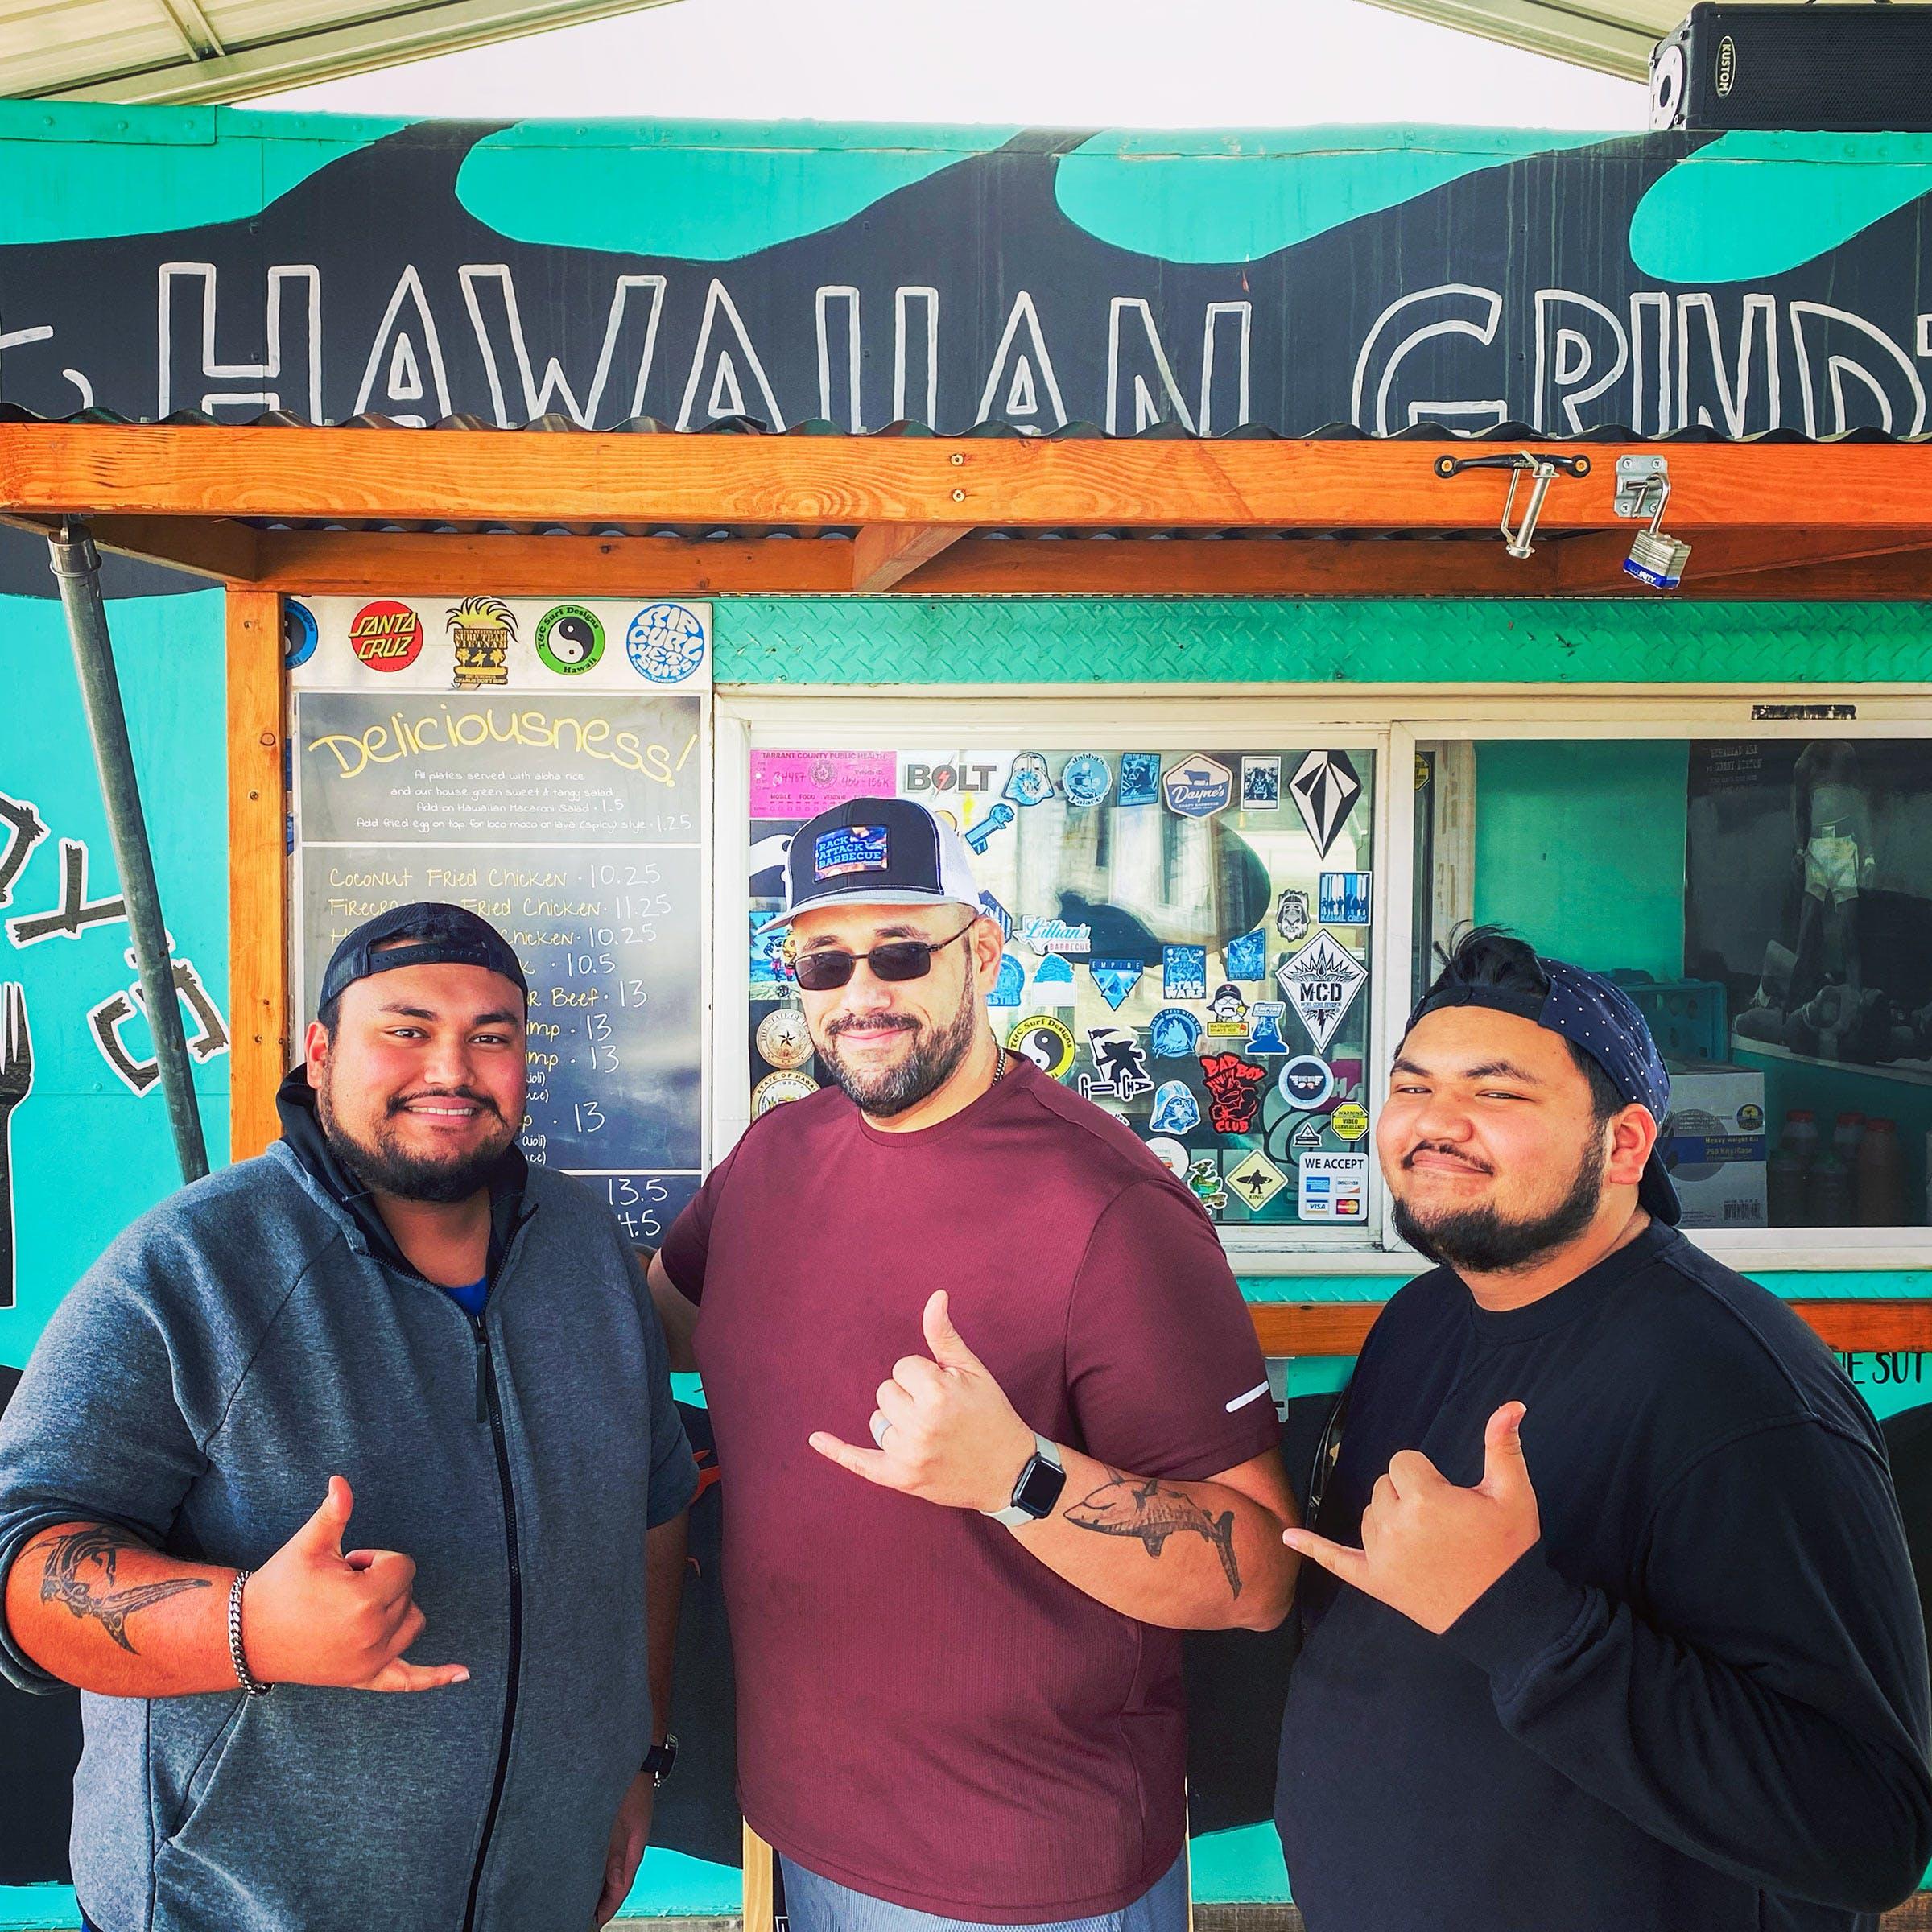 ShaneBoy's Craft Hawaiian Grindz